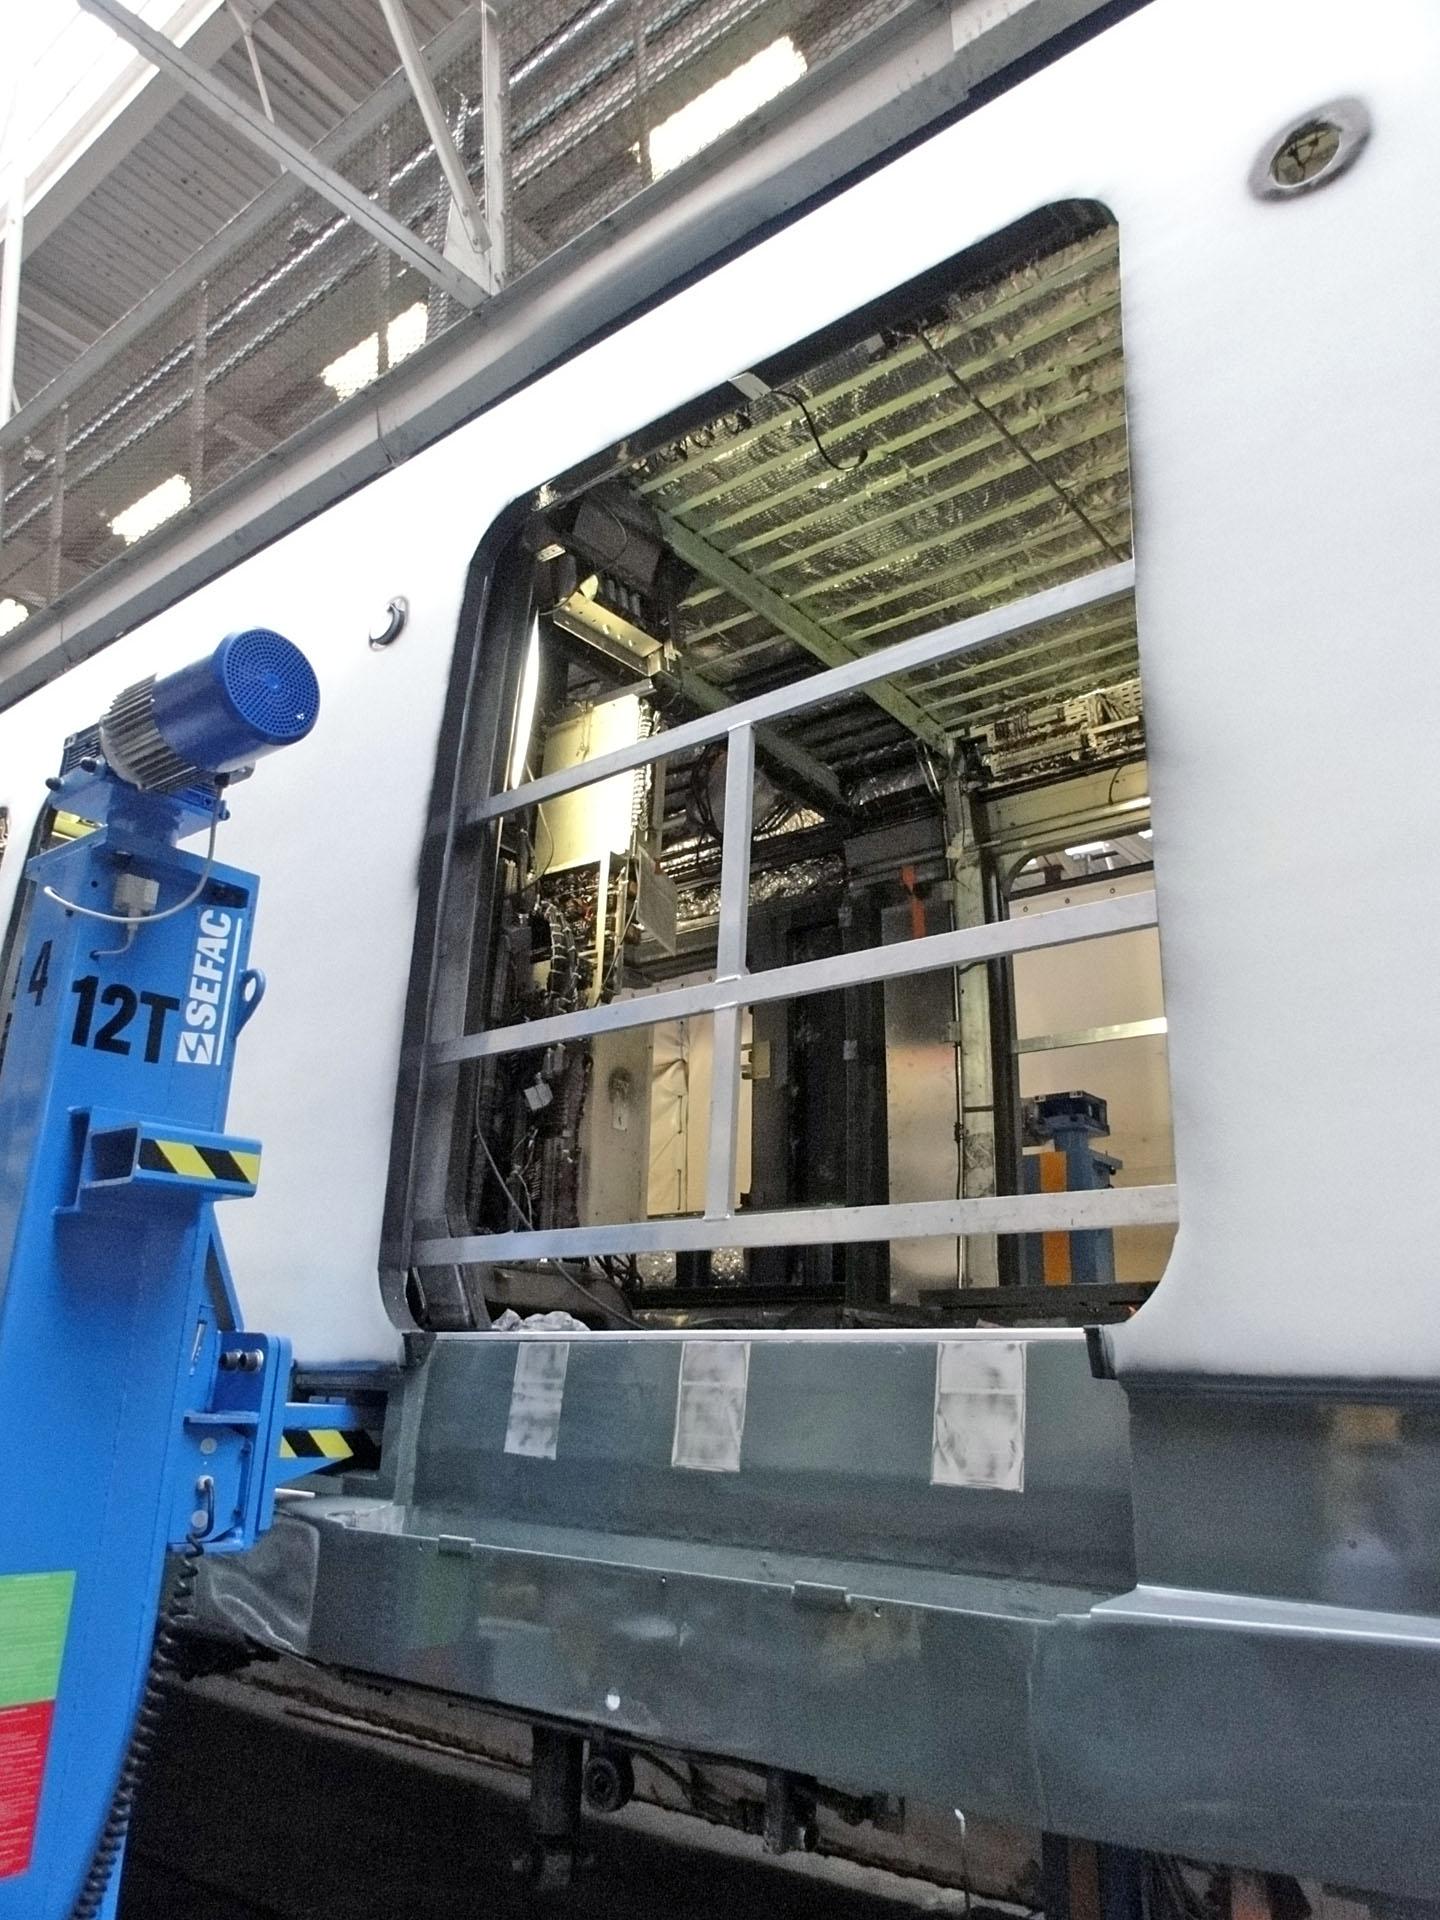 Atelier de Sucy-en-Brie - Rénovation MI 79 - 13.jpg Français : Rénovation du MI 79 aux ateliers RATP de Sucy-en-Brie, Val-de-Marne, France